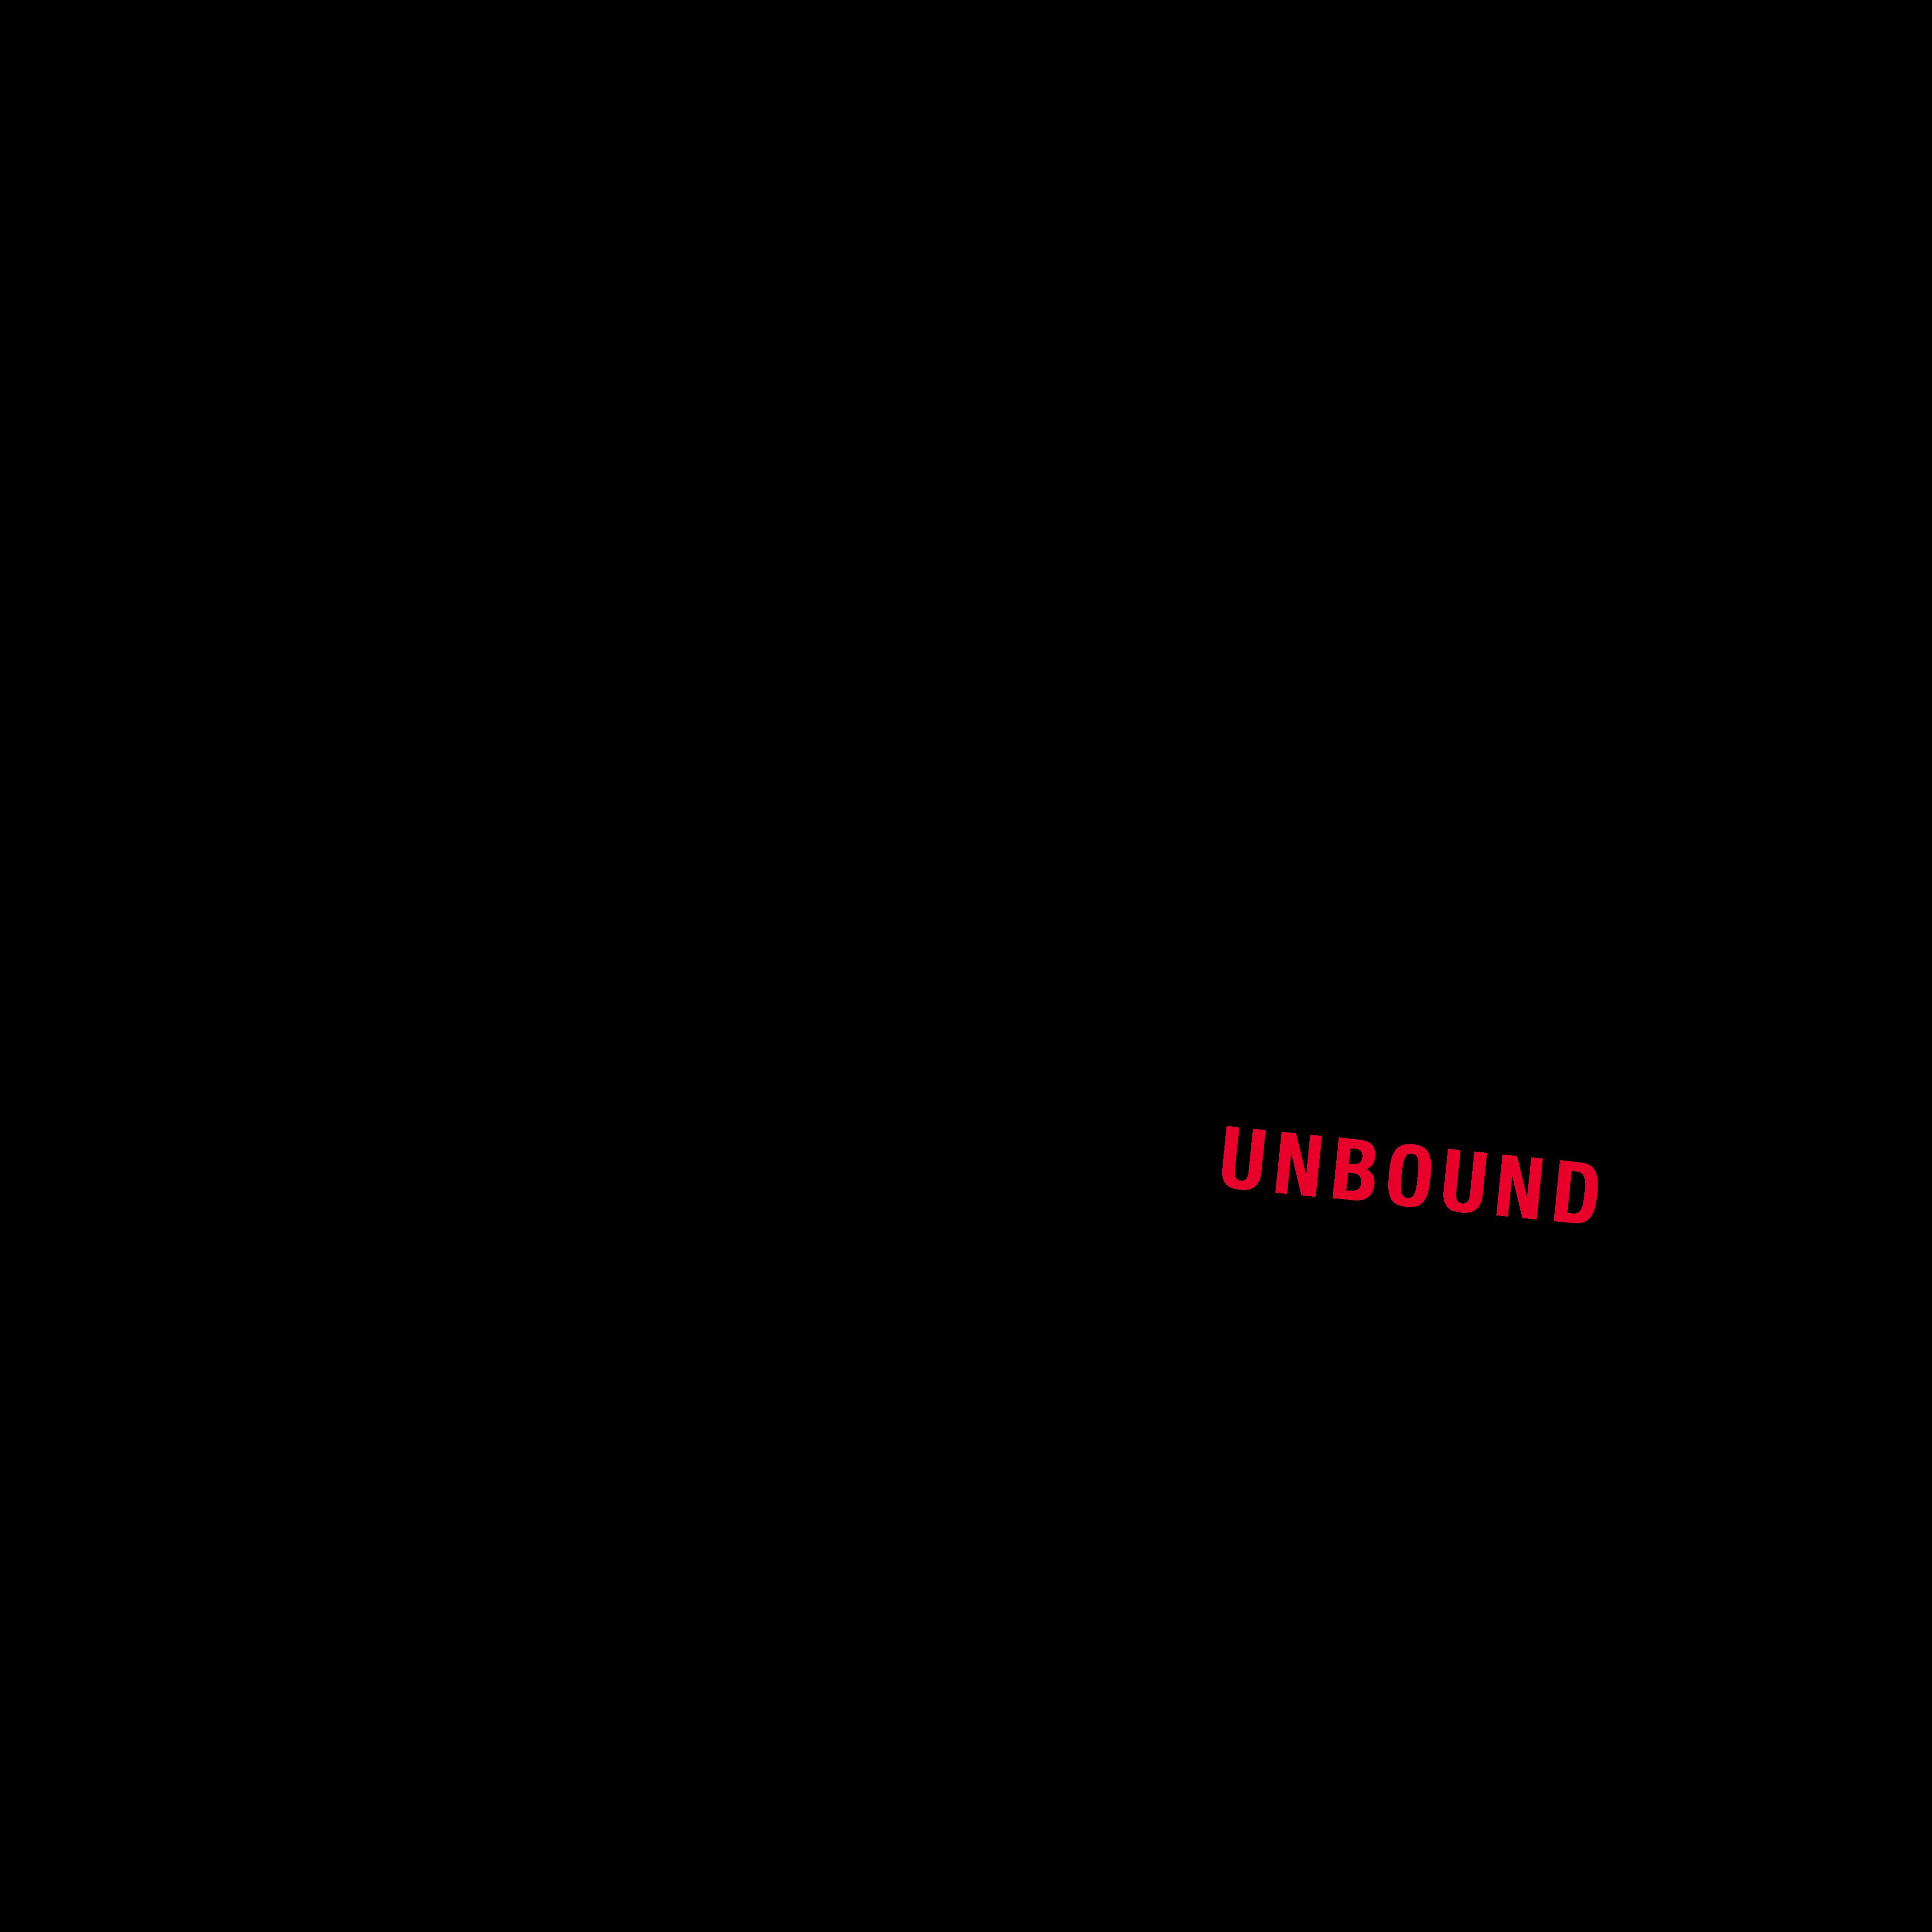 sabian logo 0 - Sabian Logo